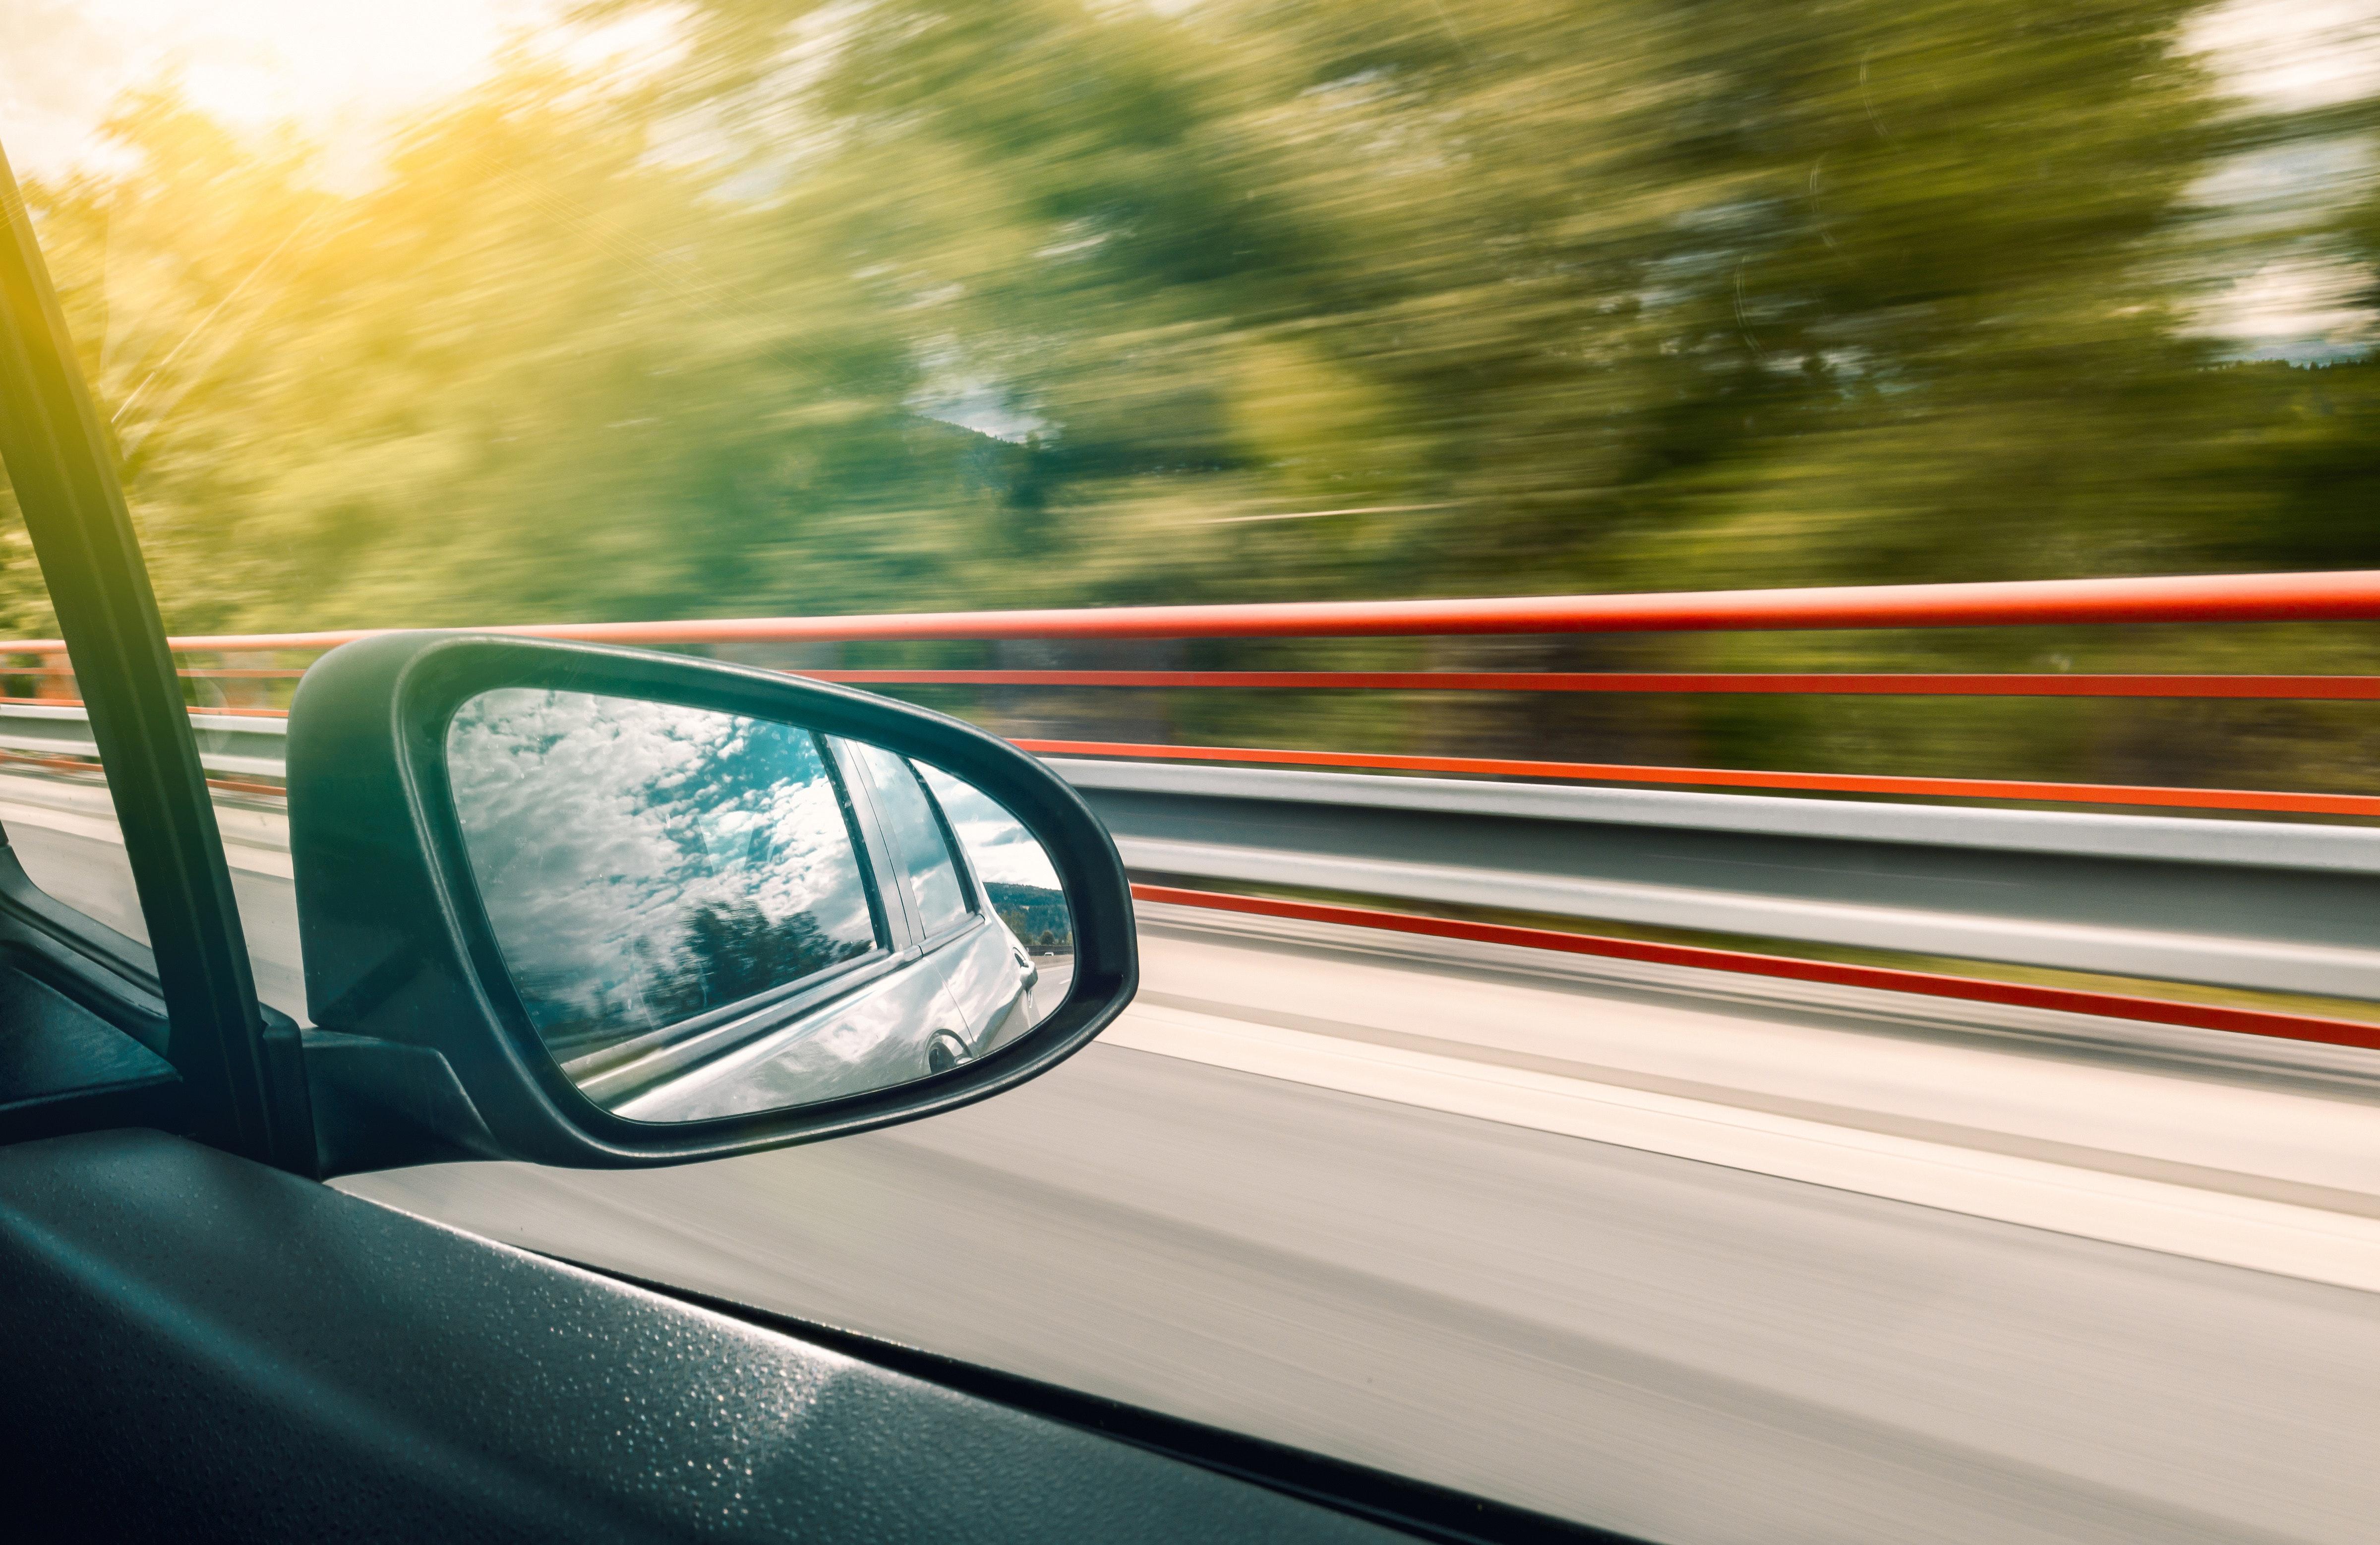 auto-w-trakcie-jazdy